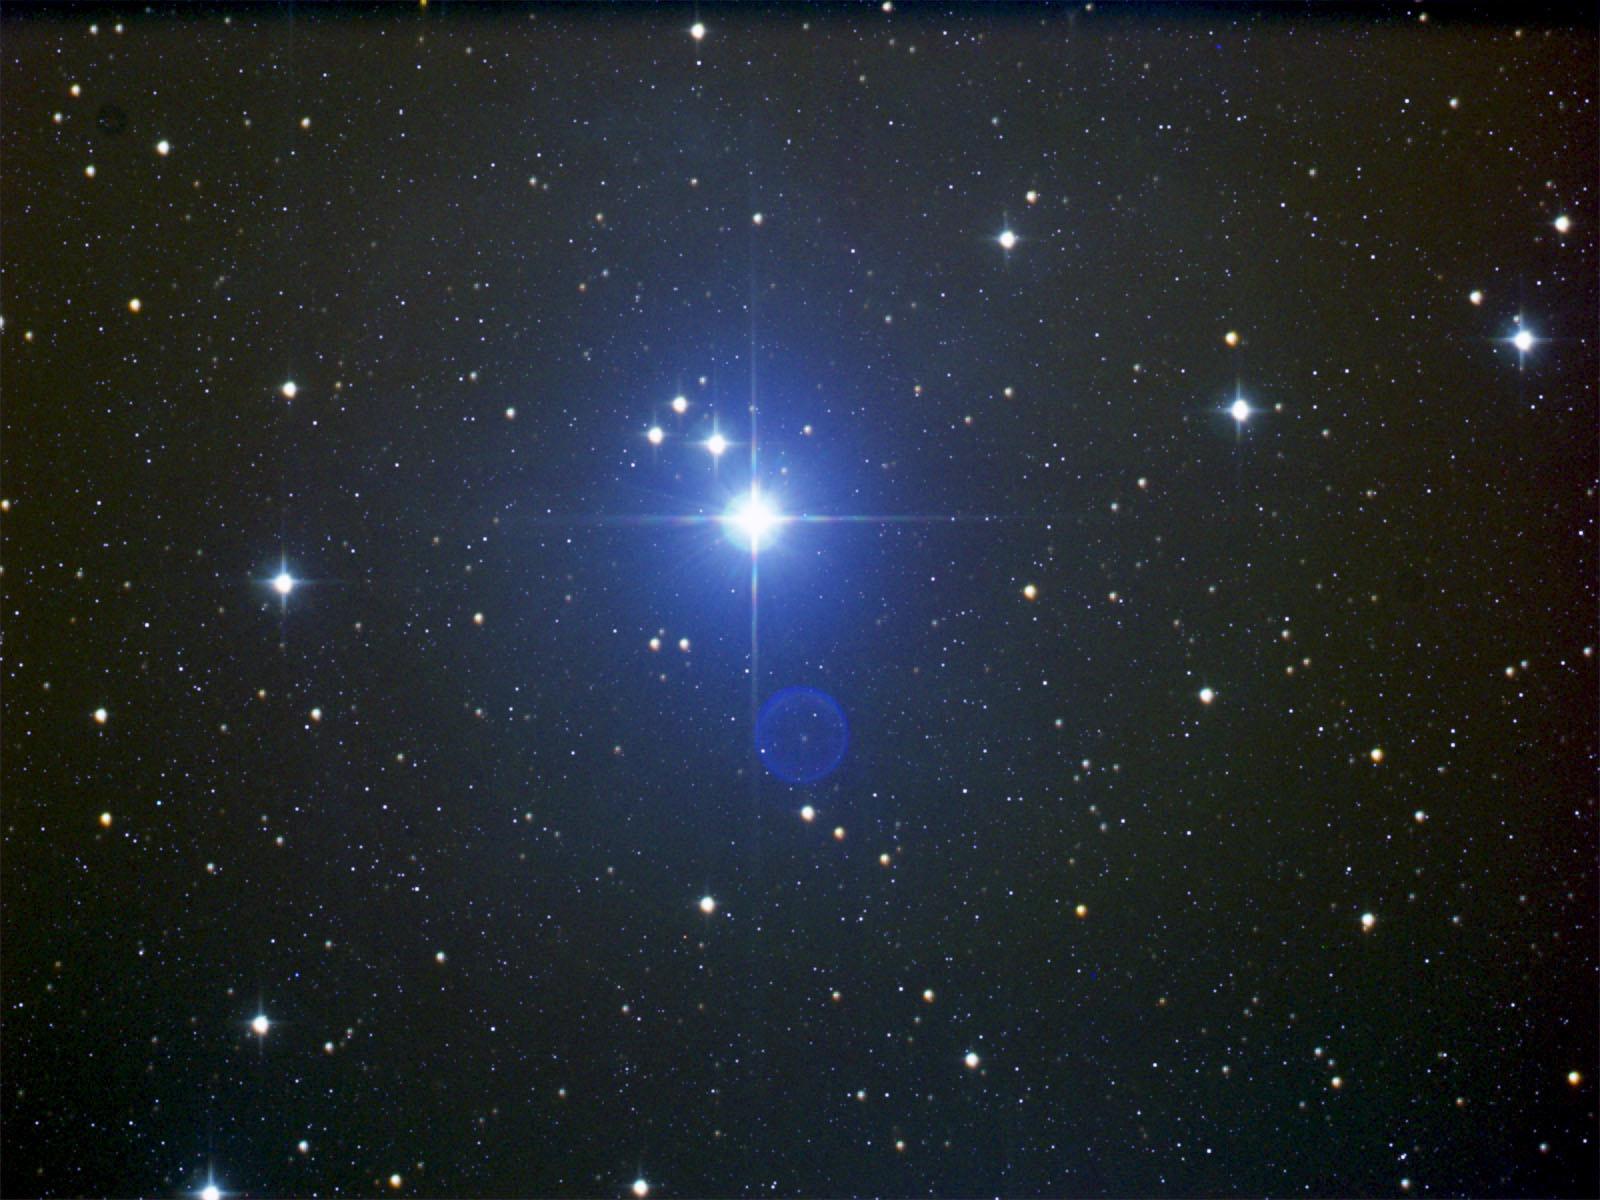 m45-001-RGB.tiff_1.JPG.494d12aa4c6a69373e4f056670b817ce.JPG